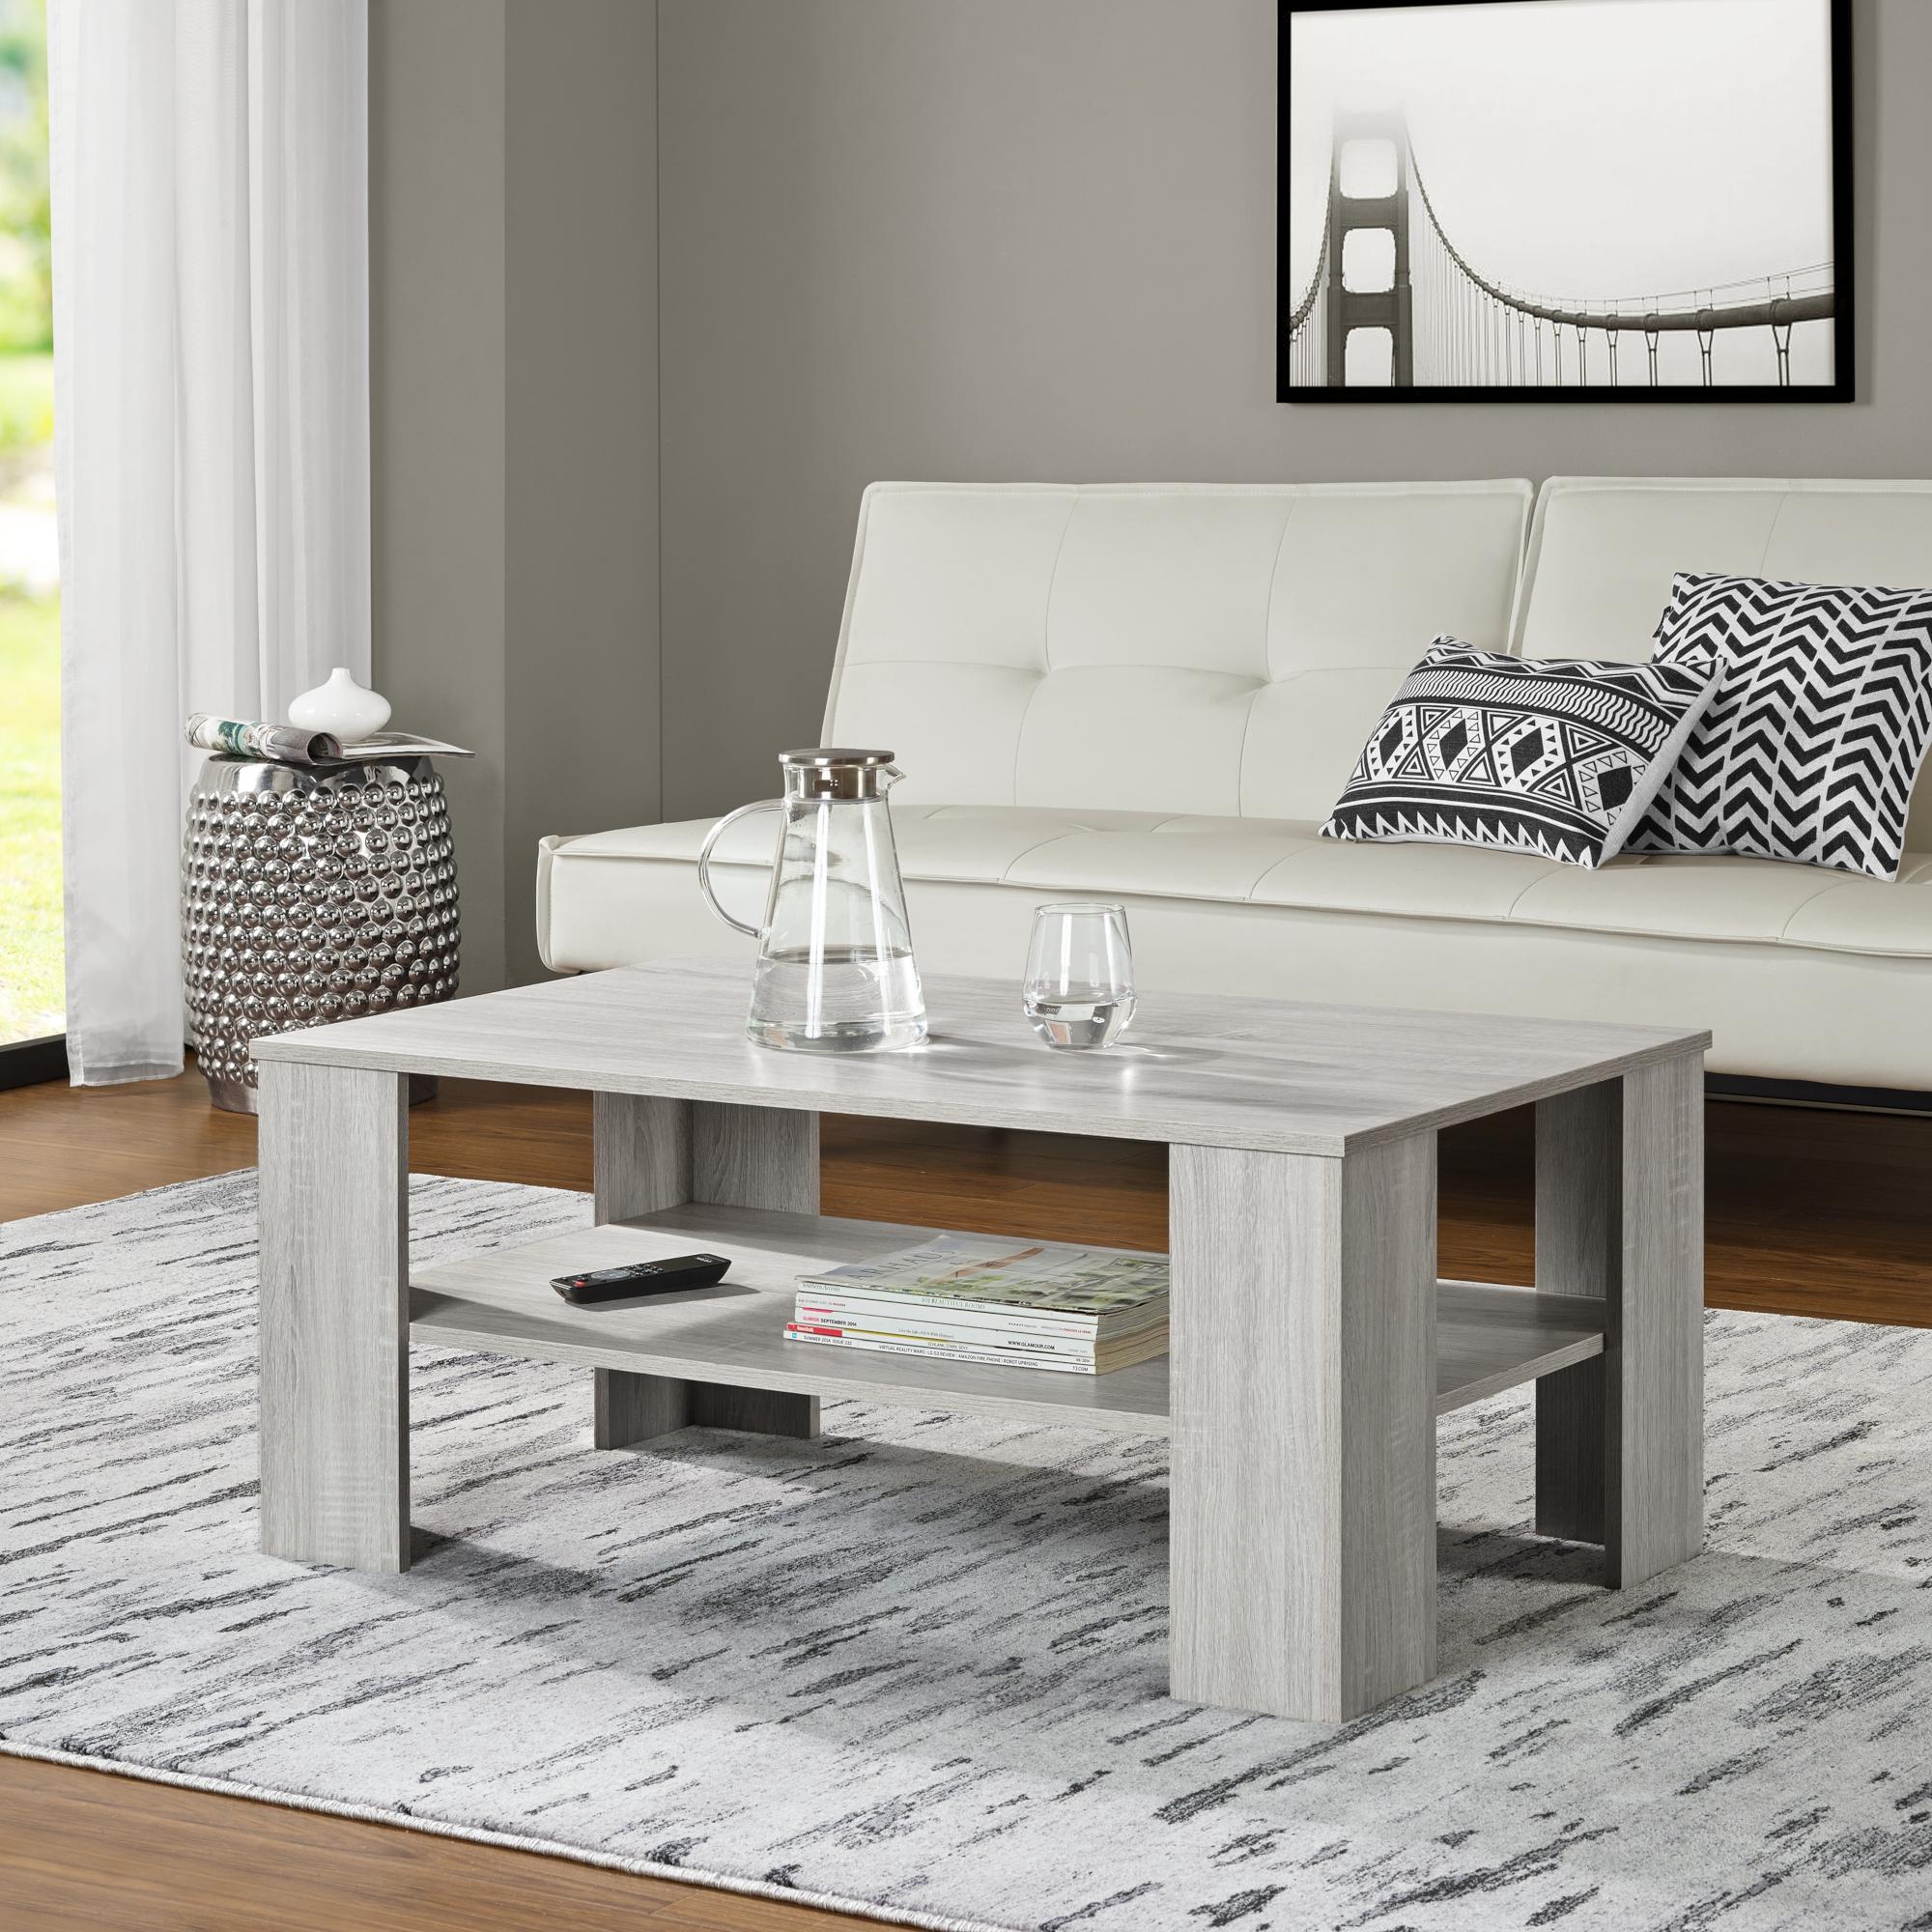 2x design st hle esszimmer stuhl holz kunststoff kunst leder plastik ebay. Black Bedroom Furniture Sets. Home Design Ideas